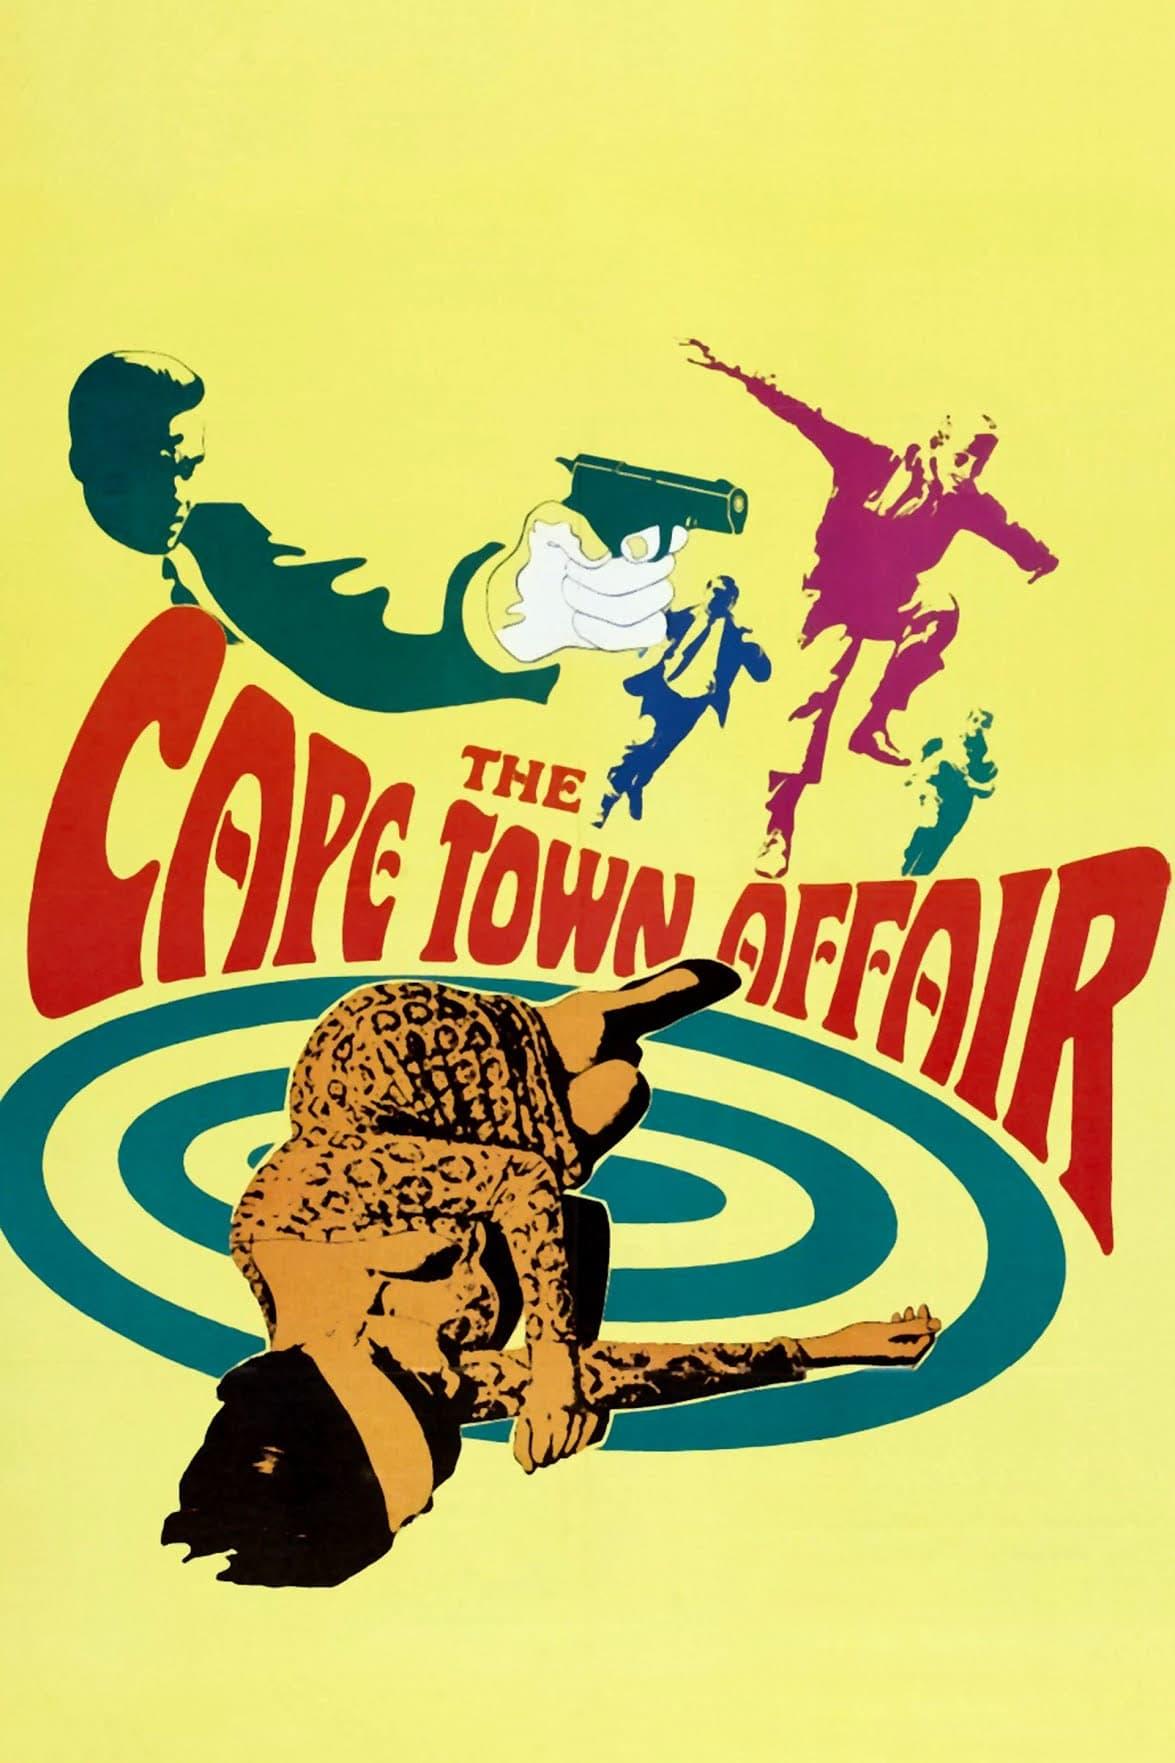 The Cape Town Affair